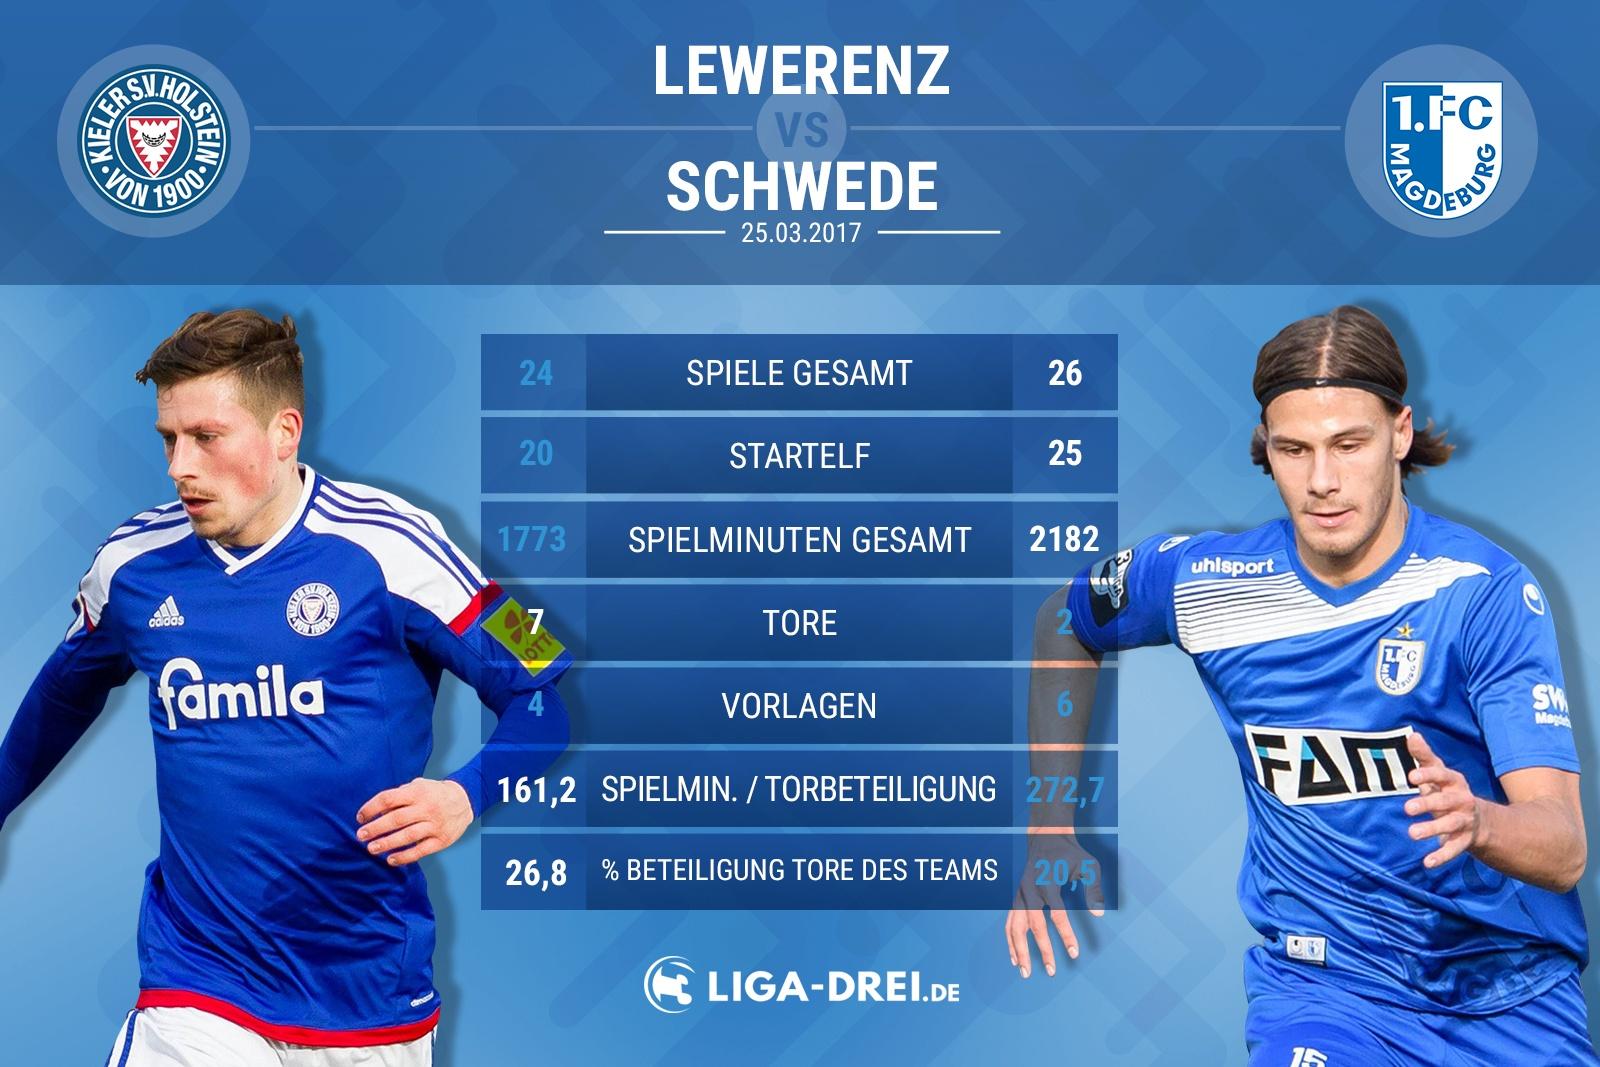 Spielervergleich von Lewerenz & Schwede